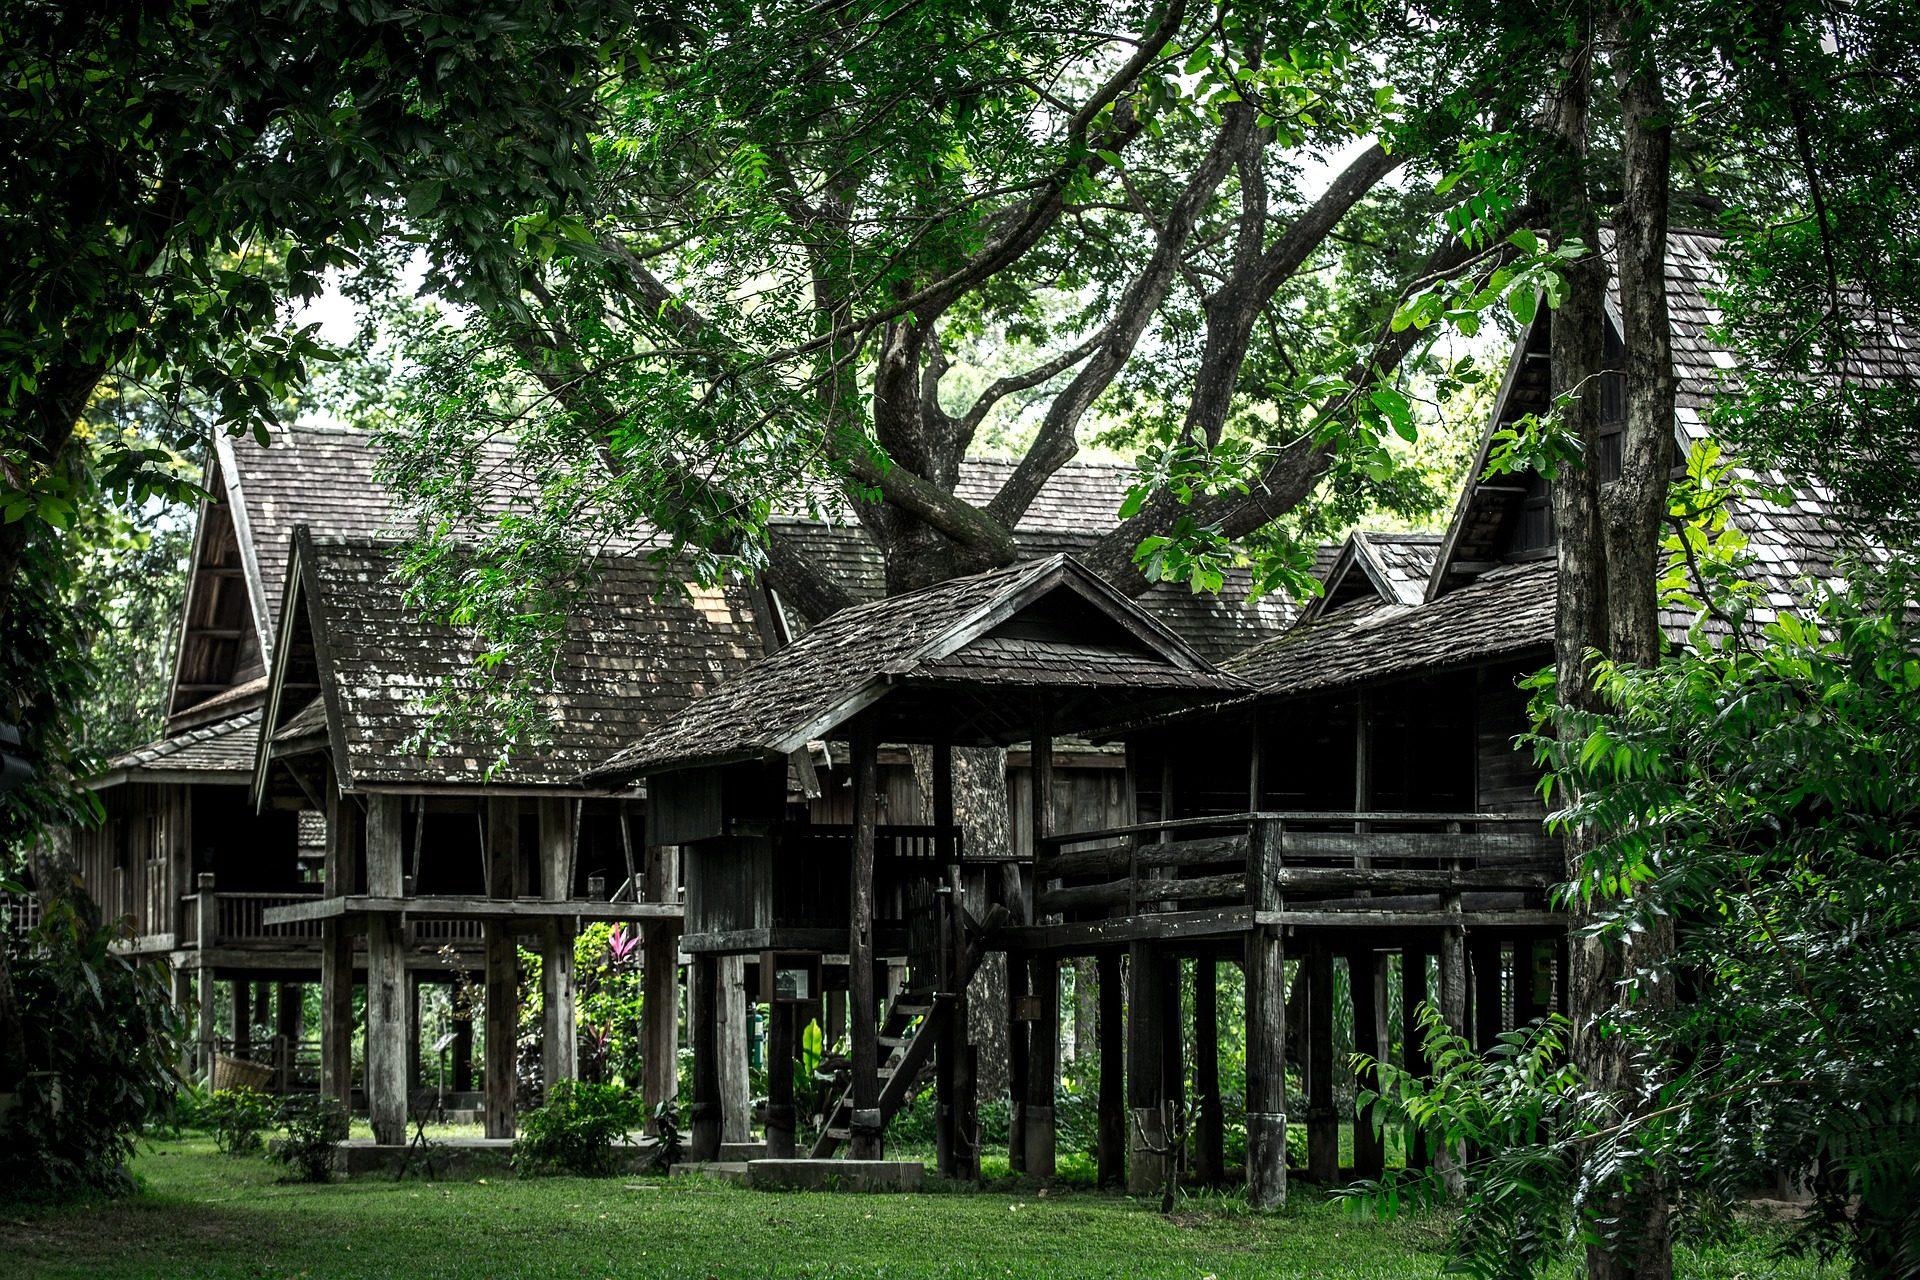 住宅, cobertizos, 小屋, 木材, ルーアン, タイ - HD の壁紙 - 教授-falken.com